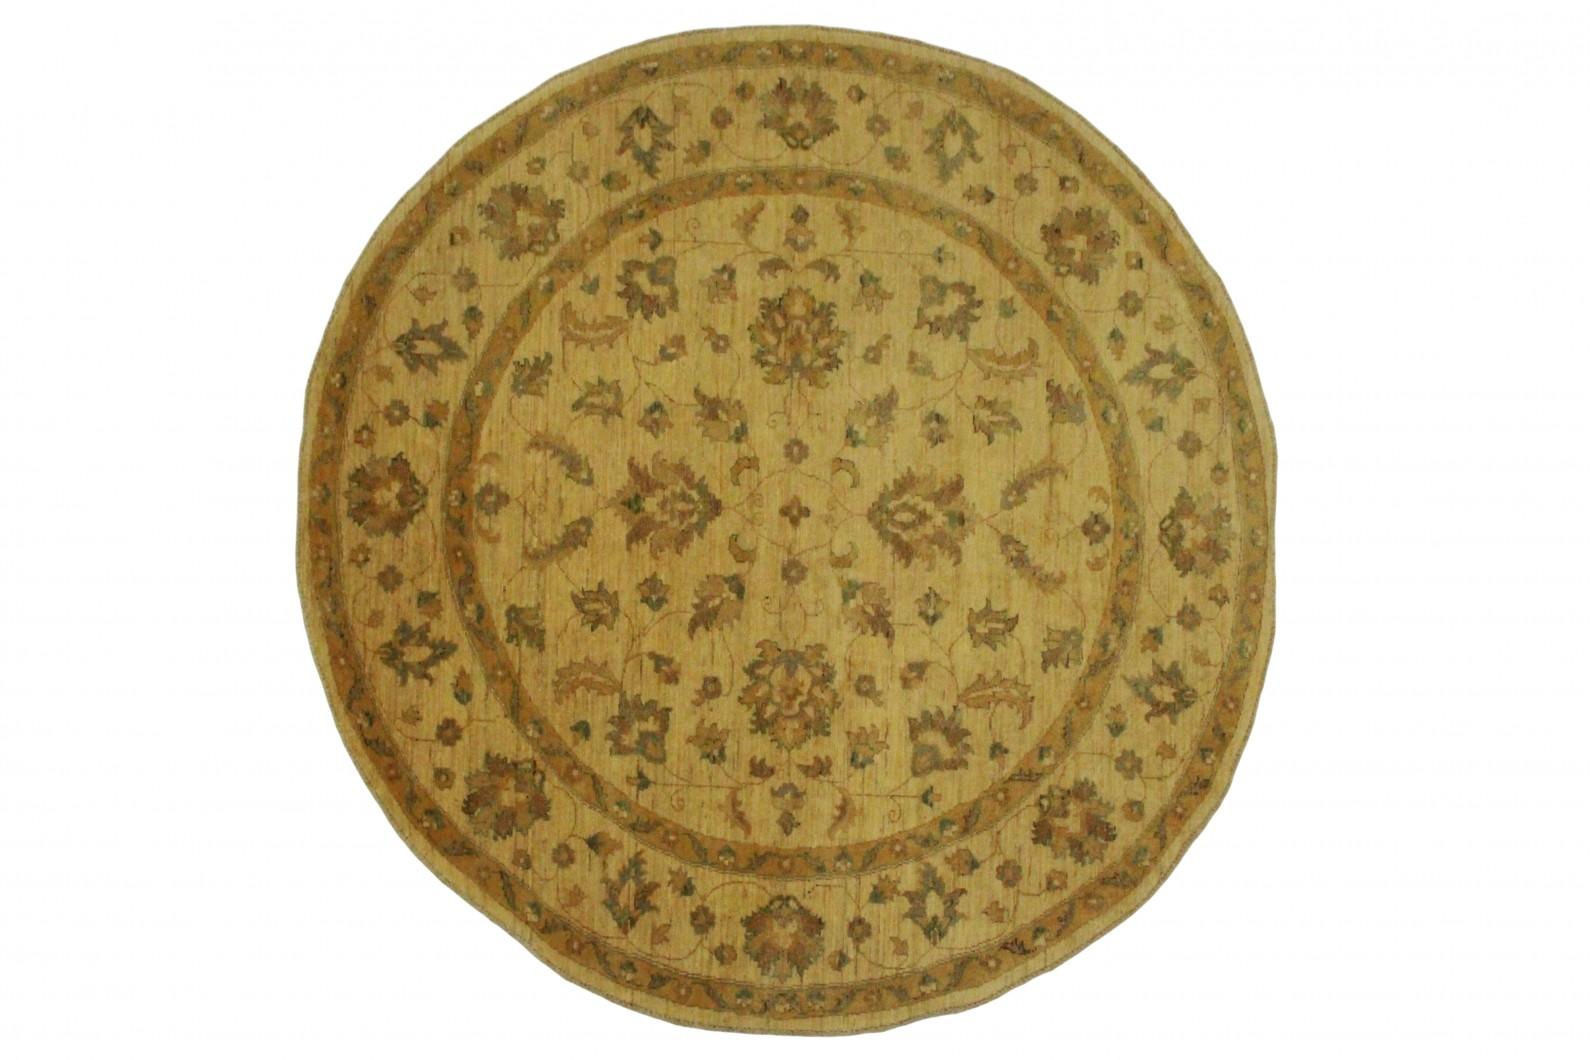 ziegler teppich rund beige in 200x200cm 5001 698. Black Bedroom Furniture Sets. Home Design Ideas